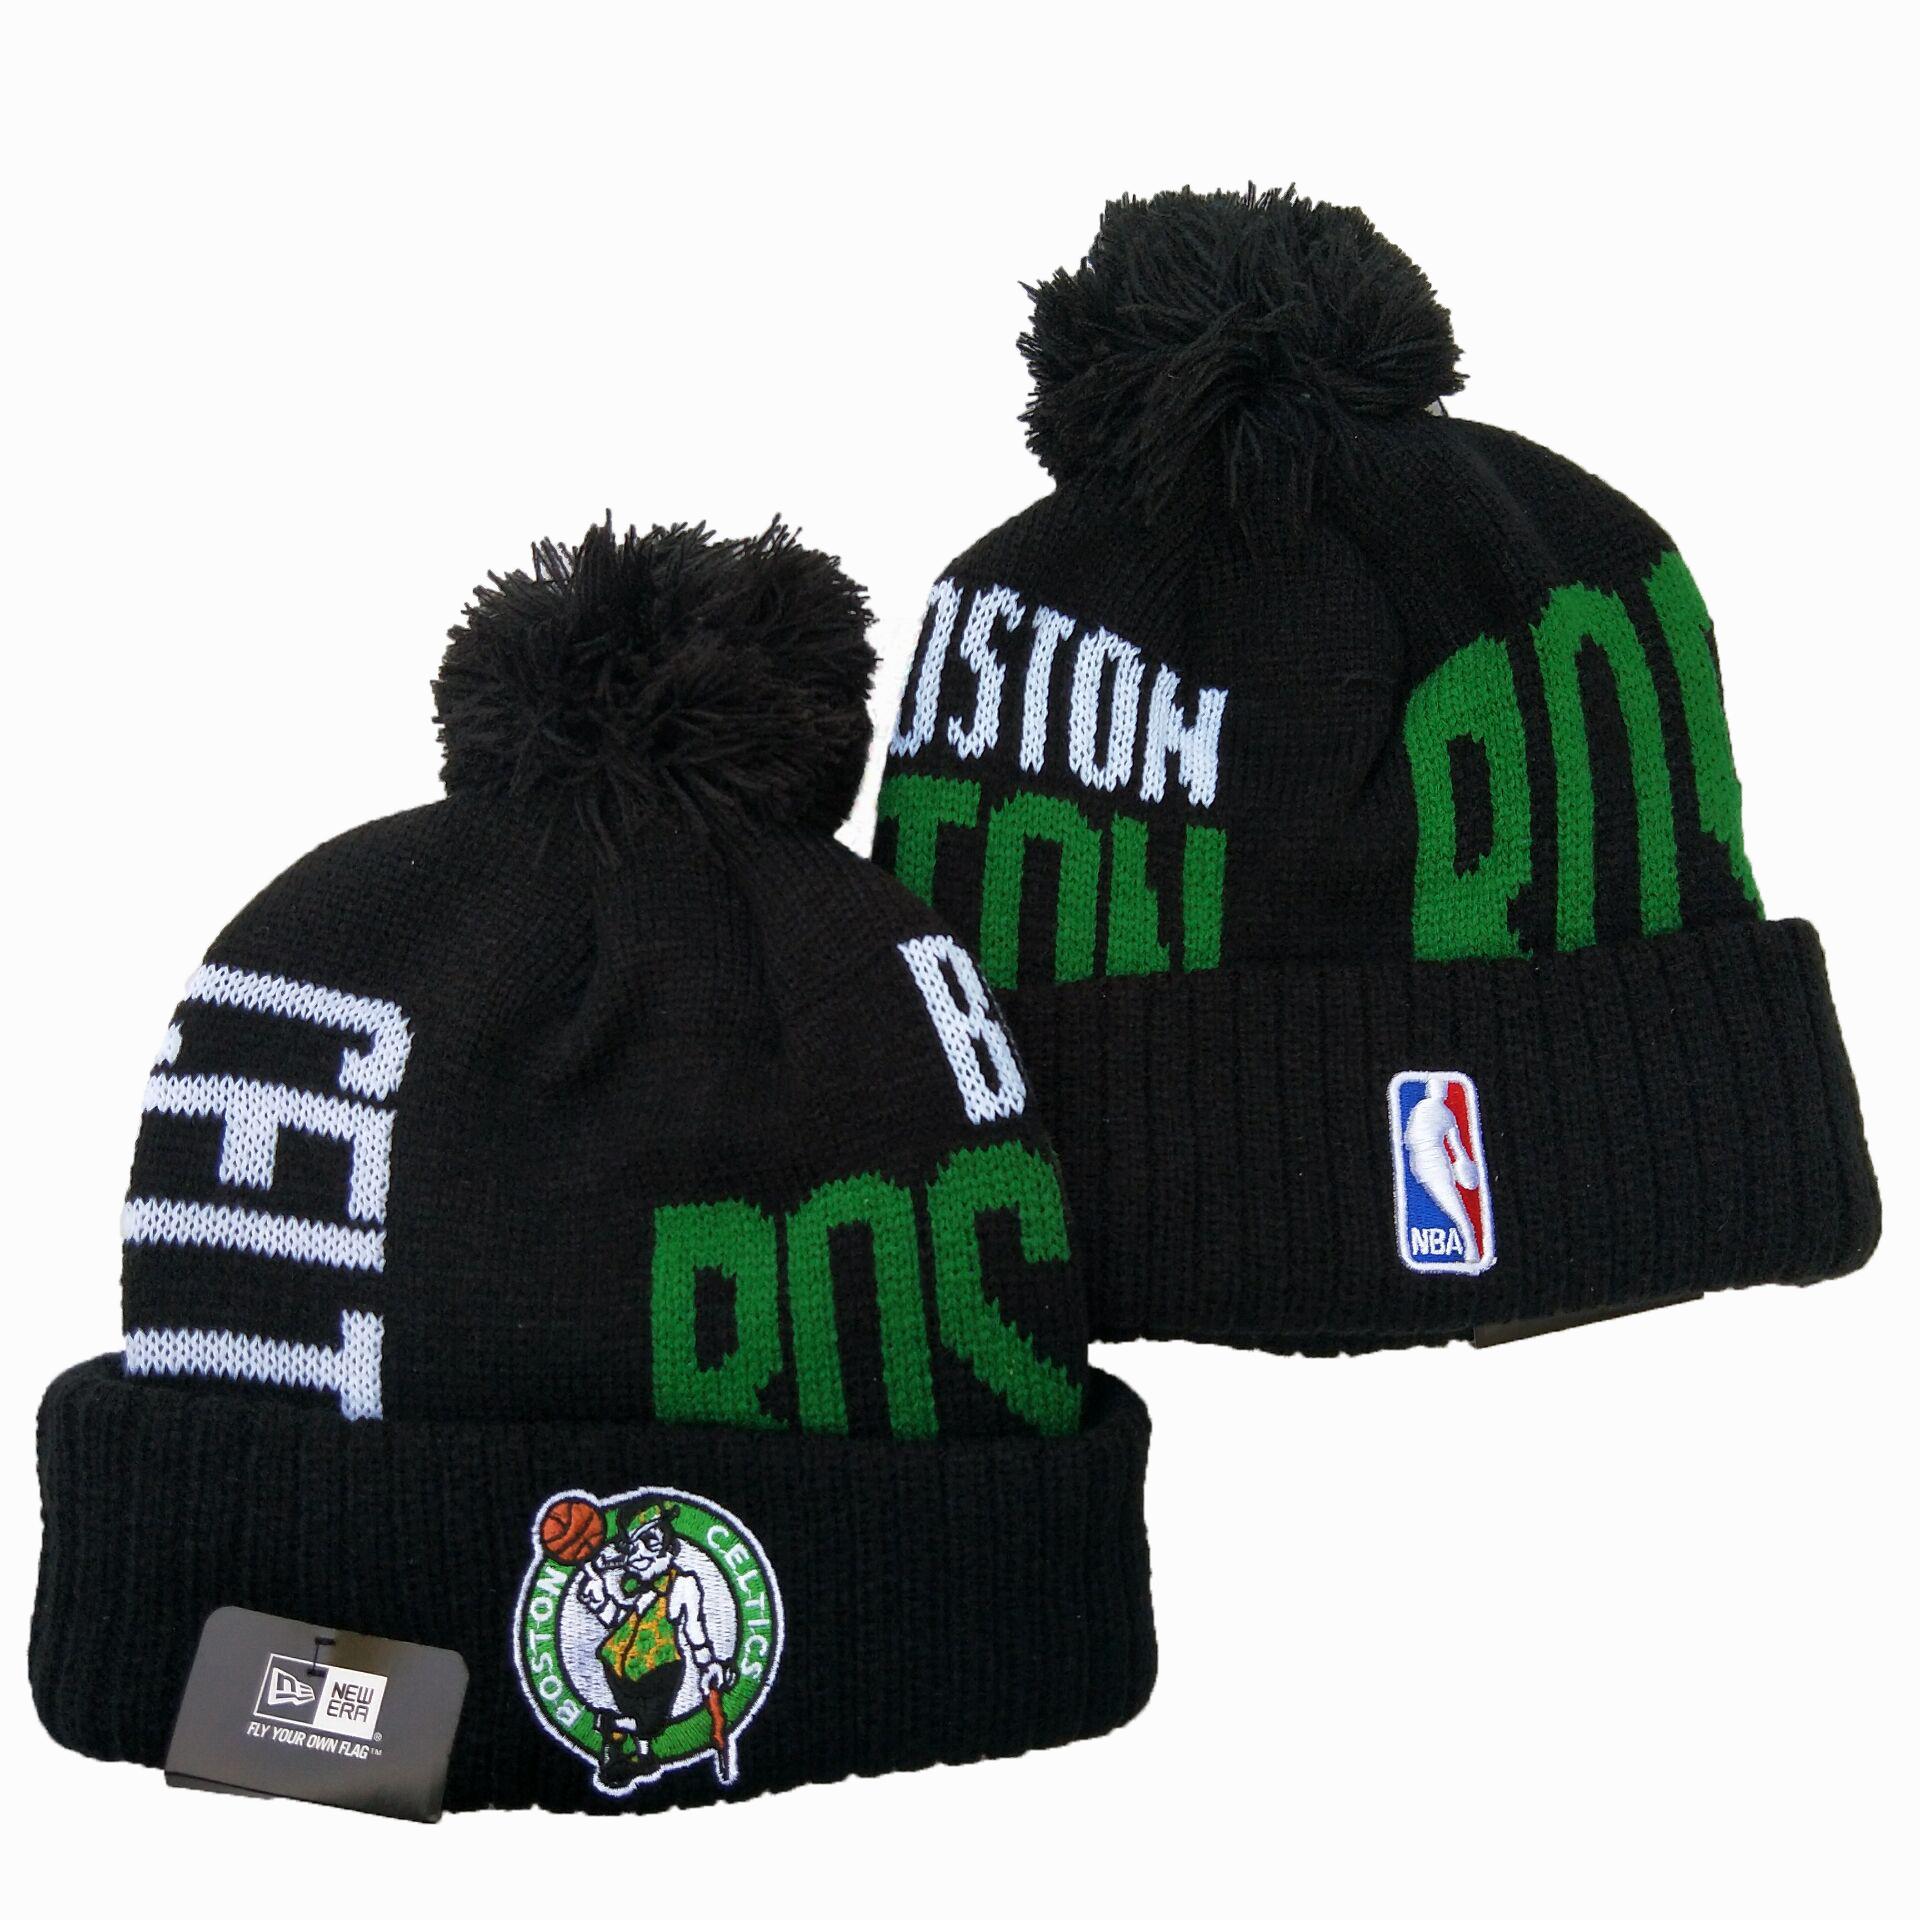 Celtics Team Logo Black Pom Knit Hat YD